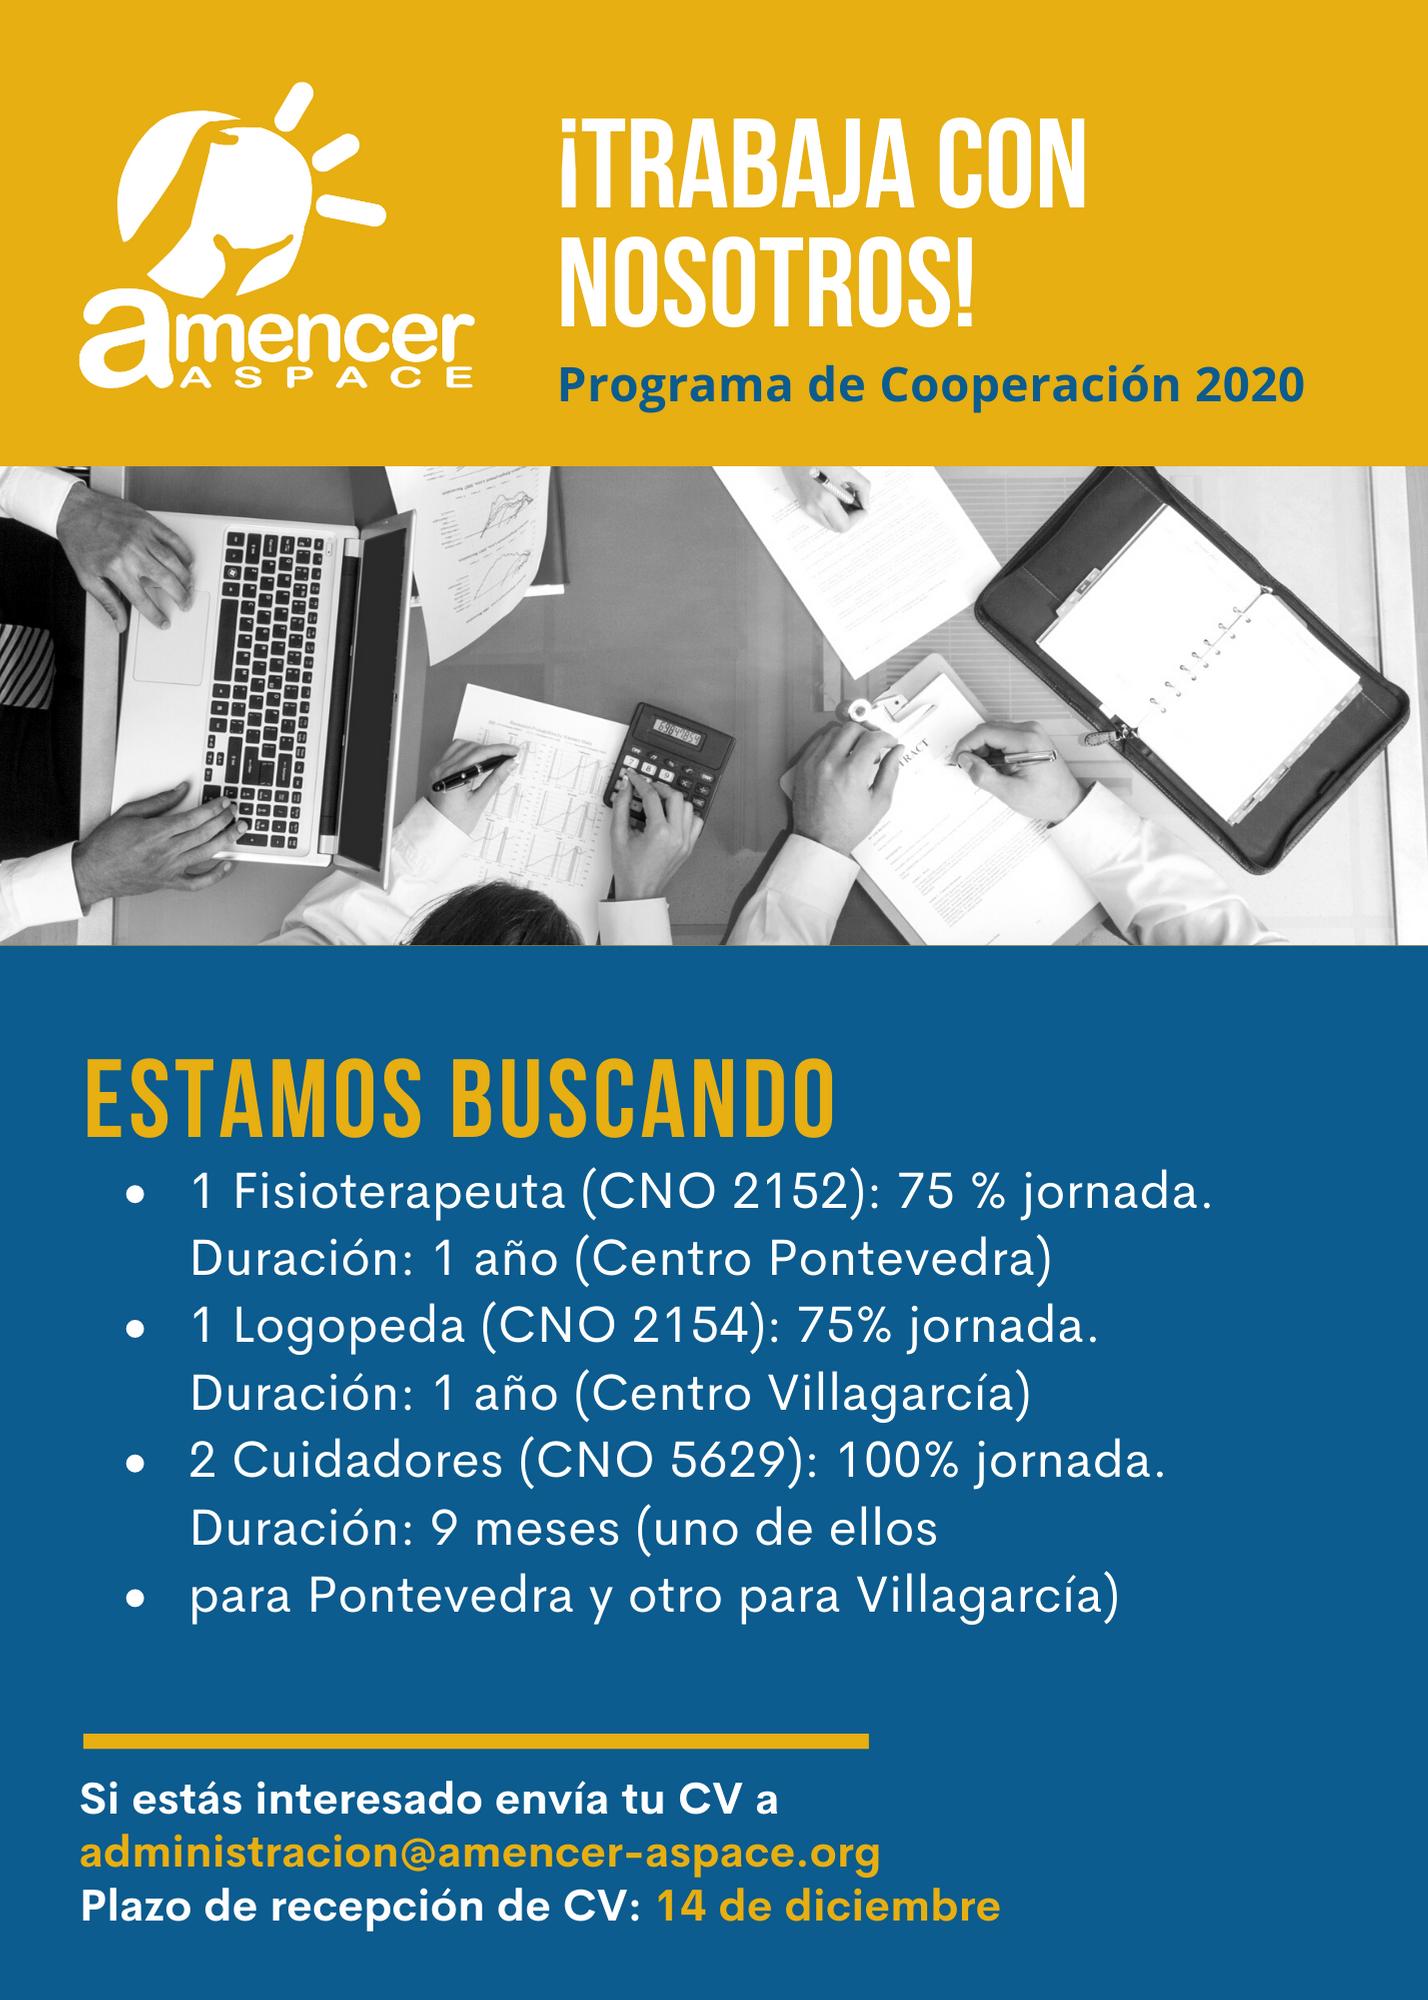 Oferta de empleo en AMENCER ASPACE. Programas de Cooperación 2020